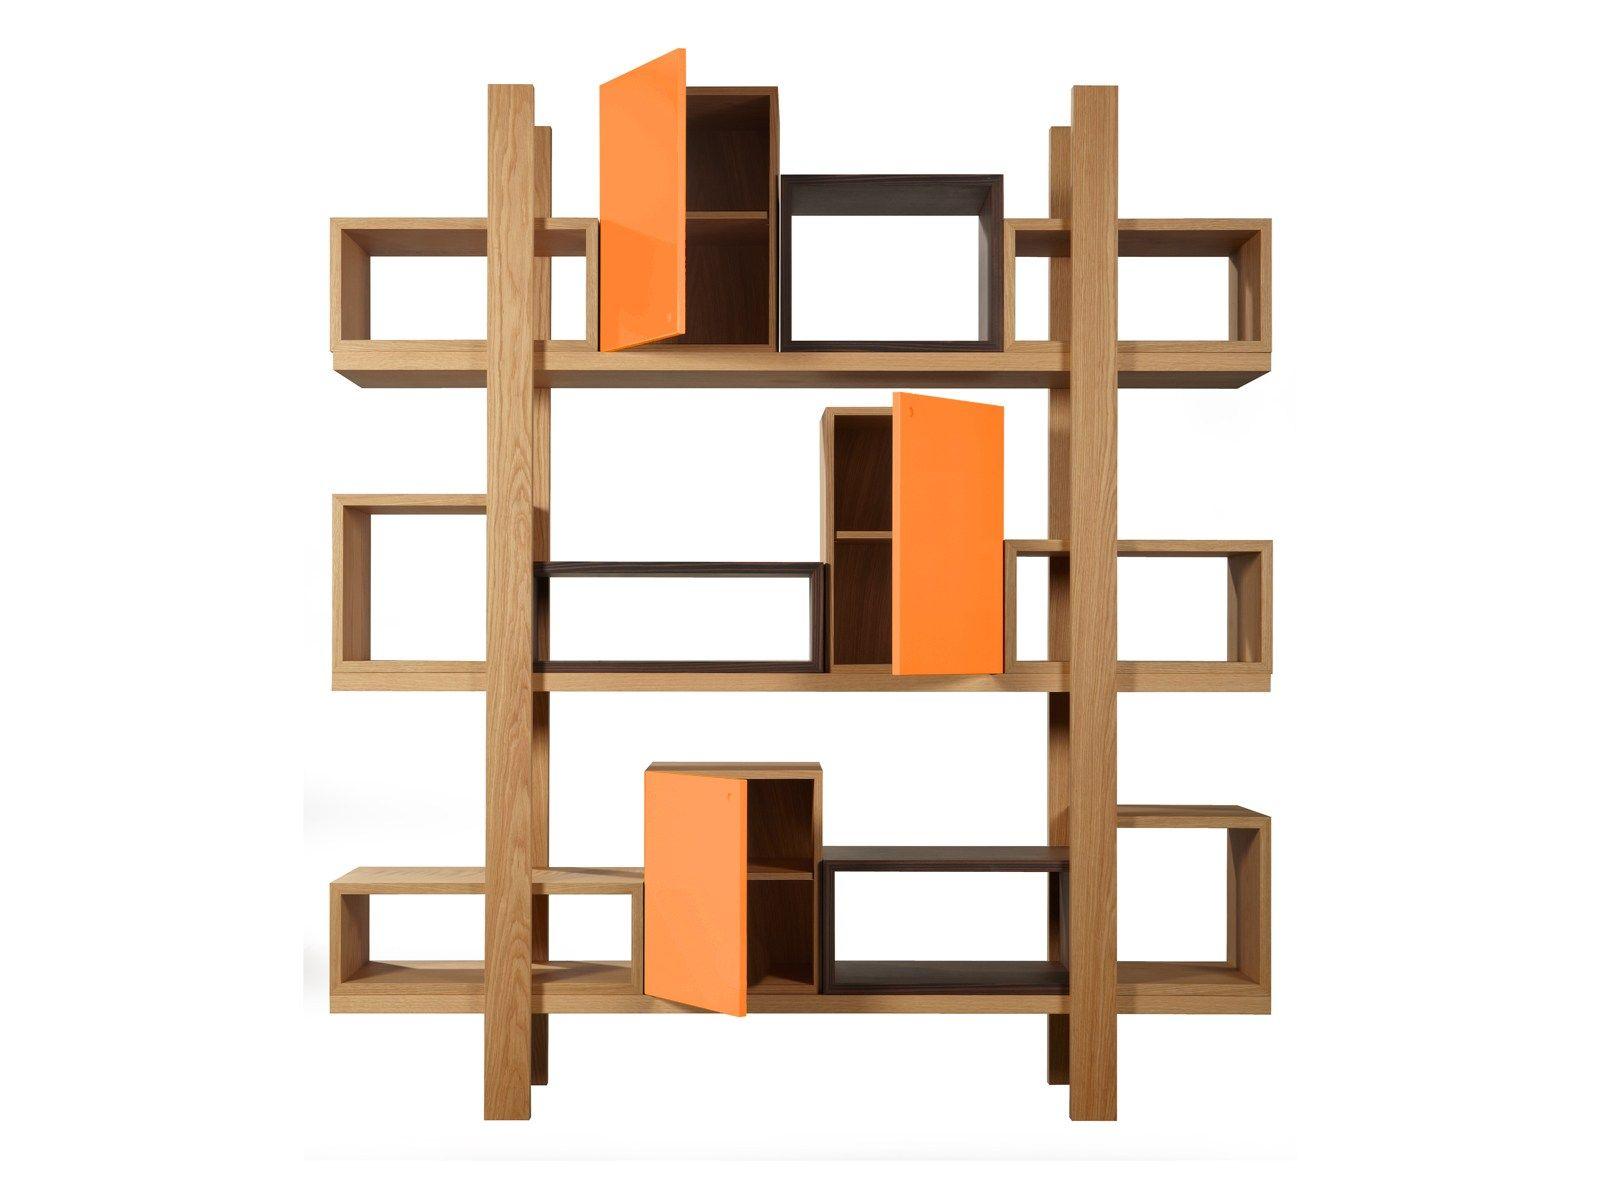 Duras libreria a giorno by azea design victor caetano for Libreria angolare componibile